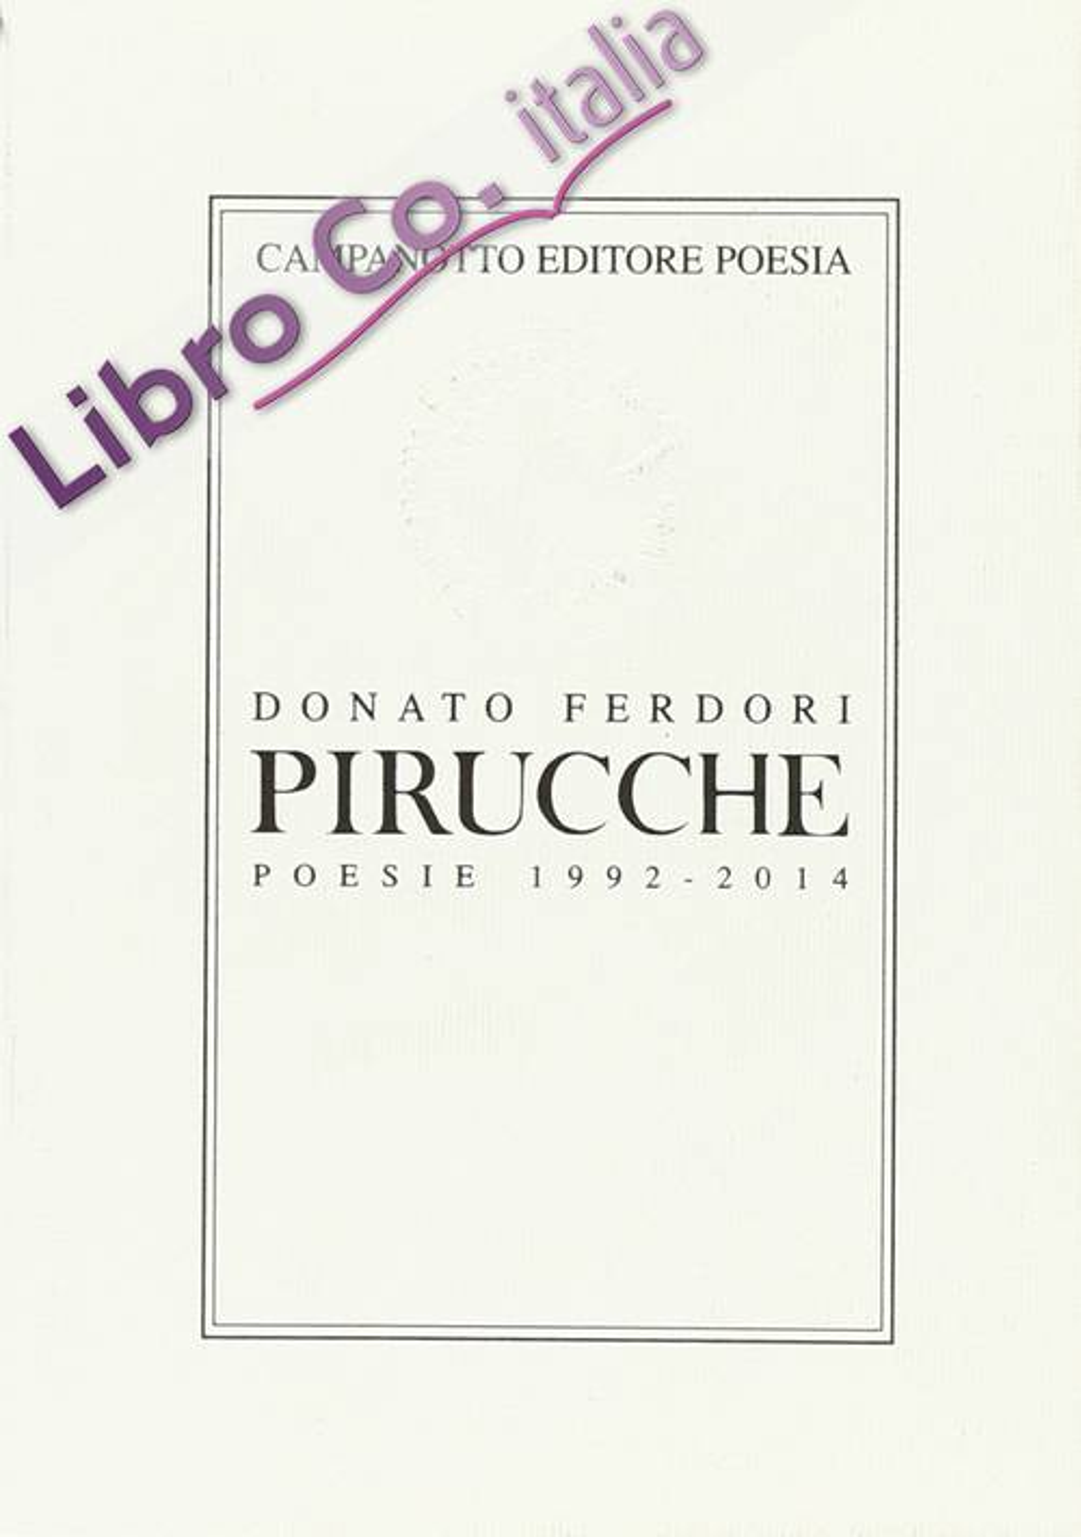 Pirucche. (Poesie 1992-2014)